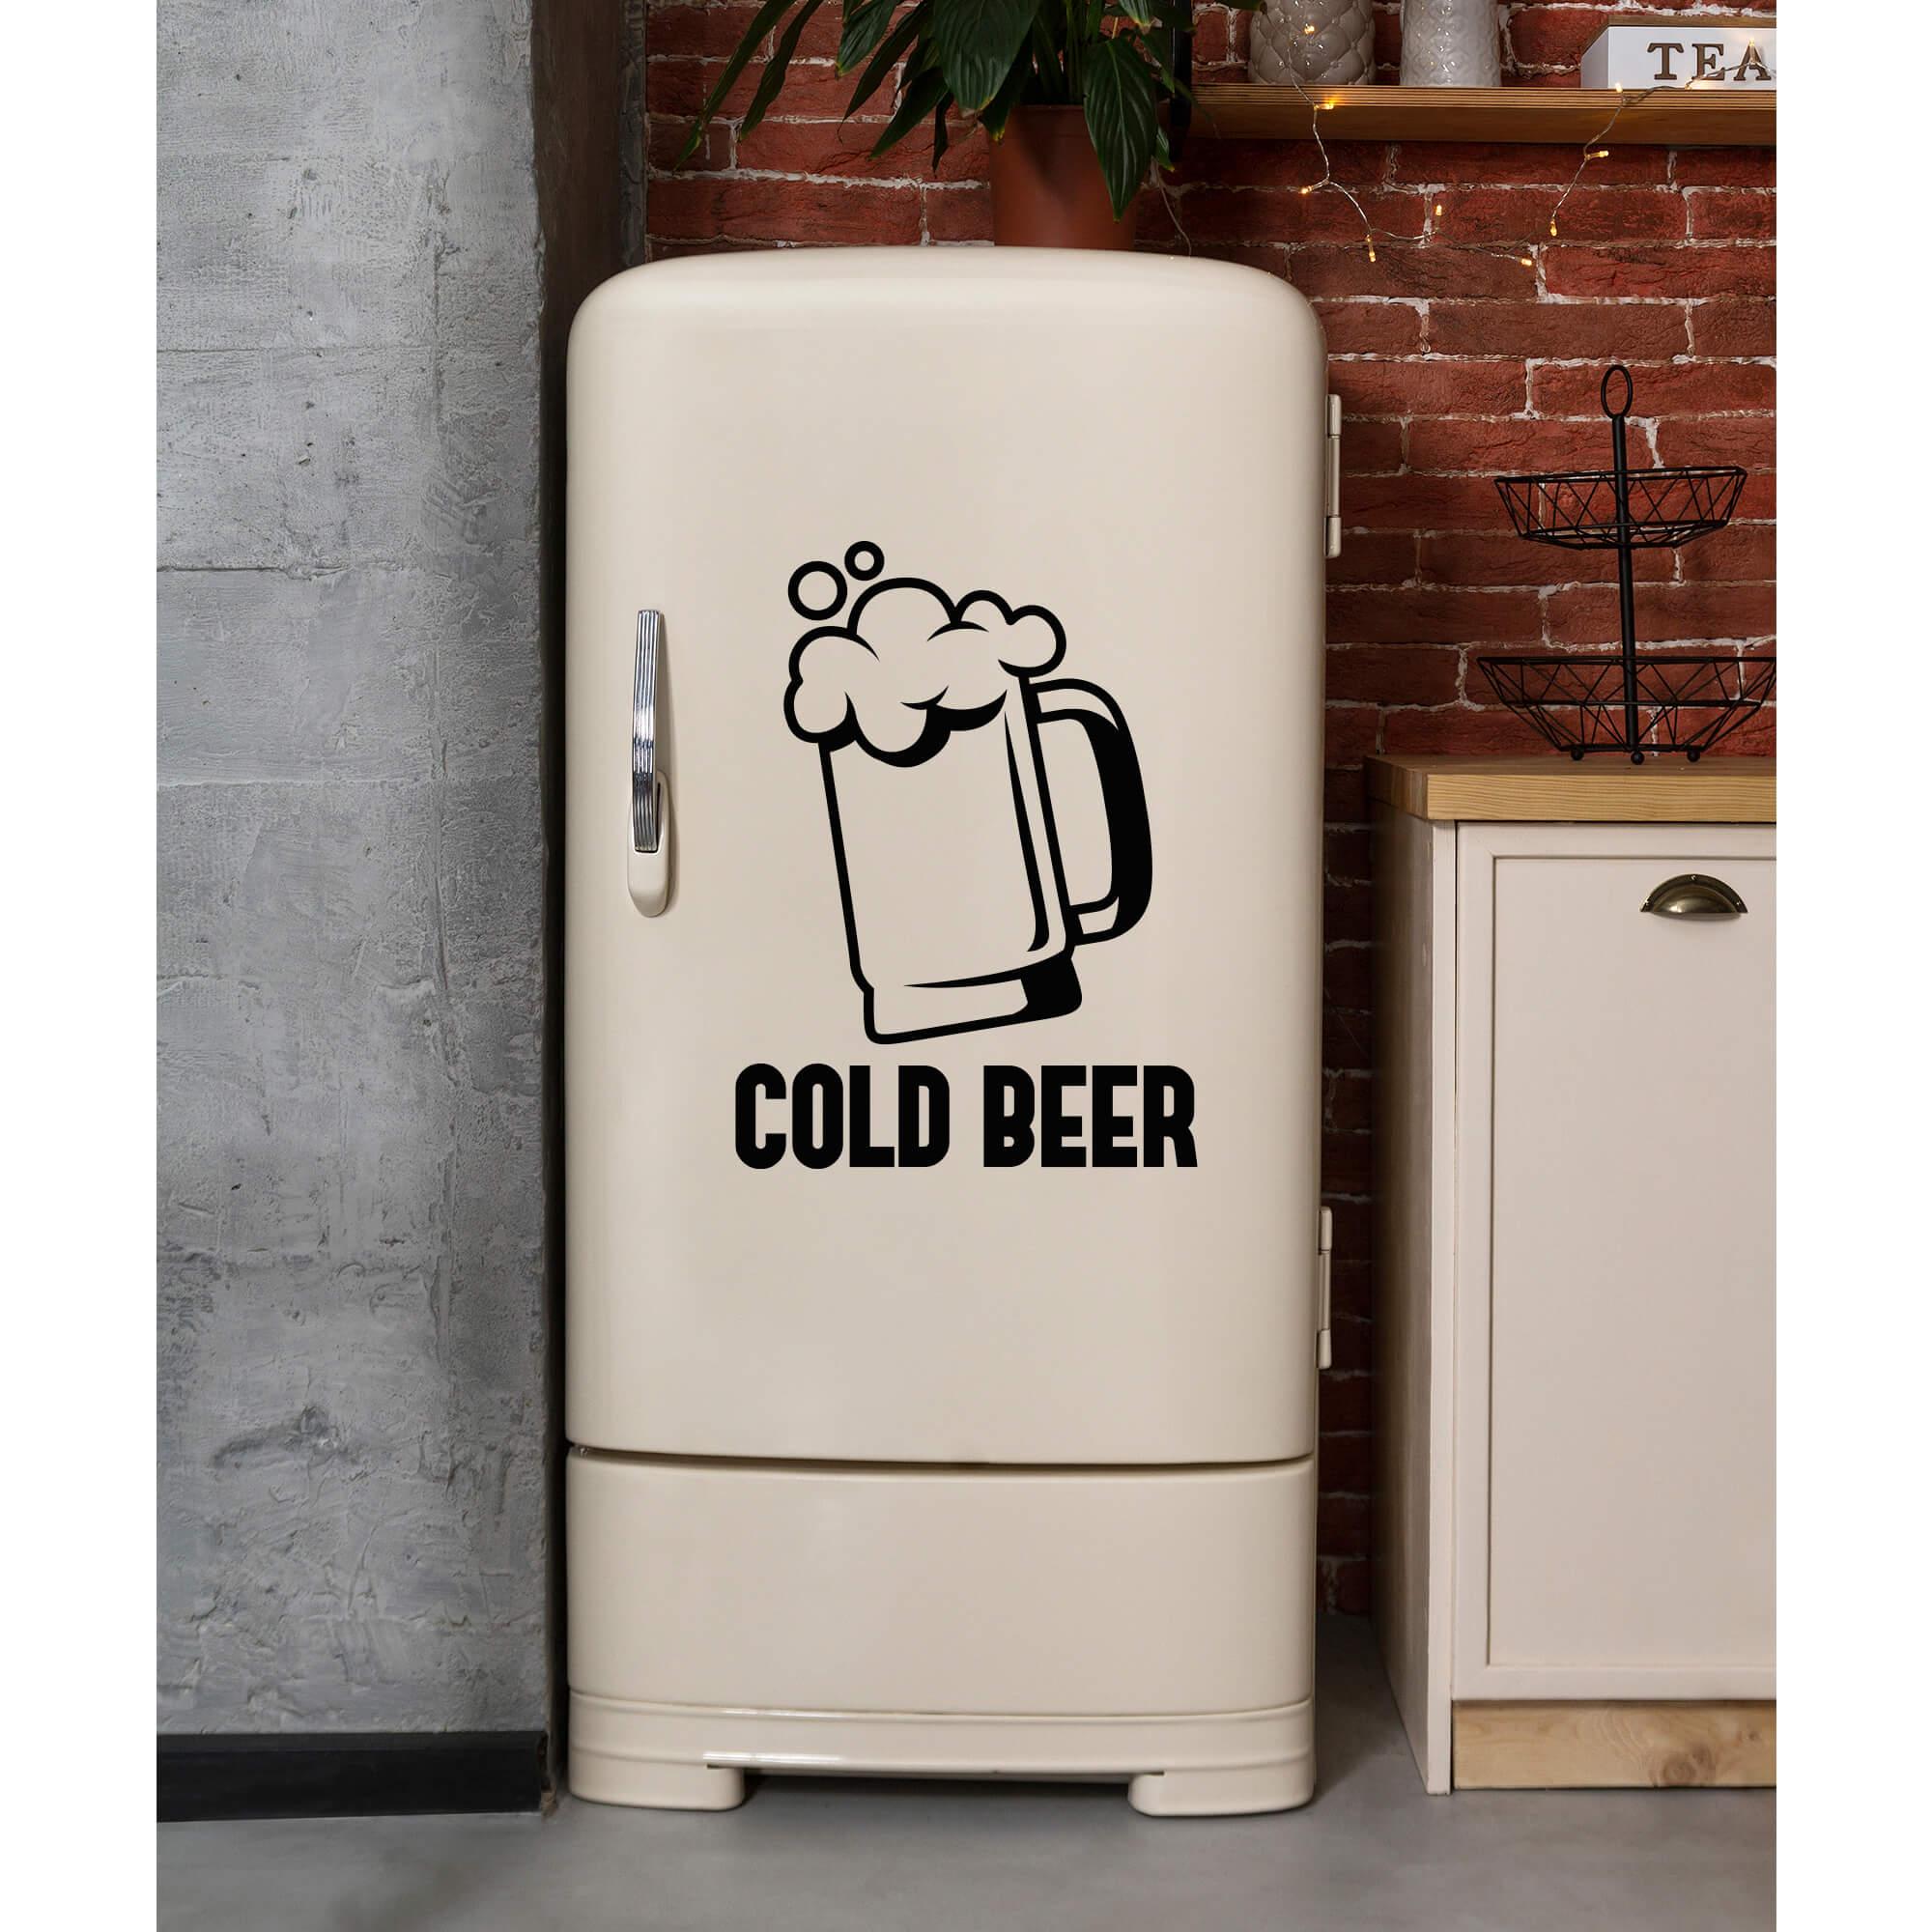 Adesivo Cerveja Gelada Cold Beer Decoração Geladeira Porta Parede